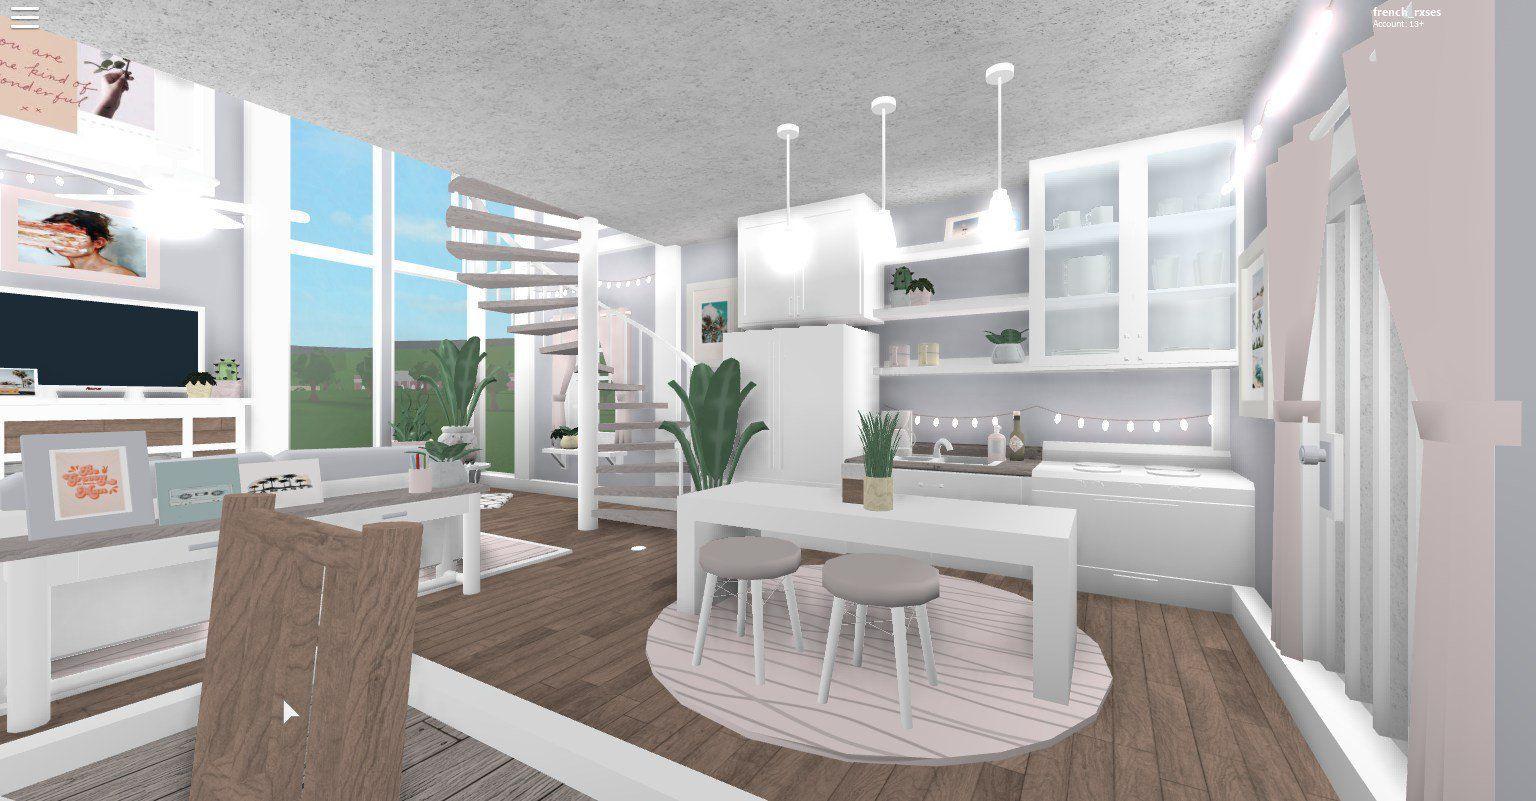 Dining Room Bloxburg - DINING ROOM